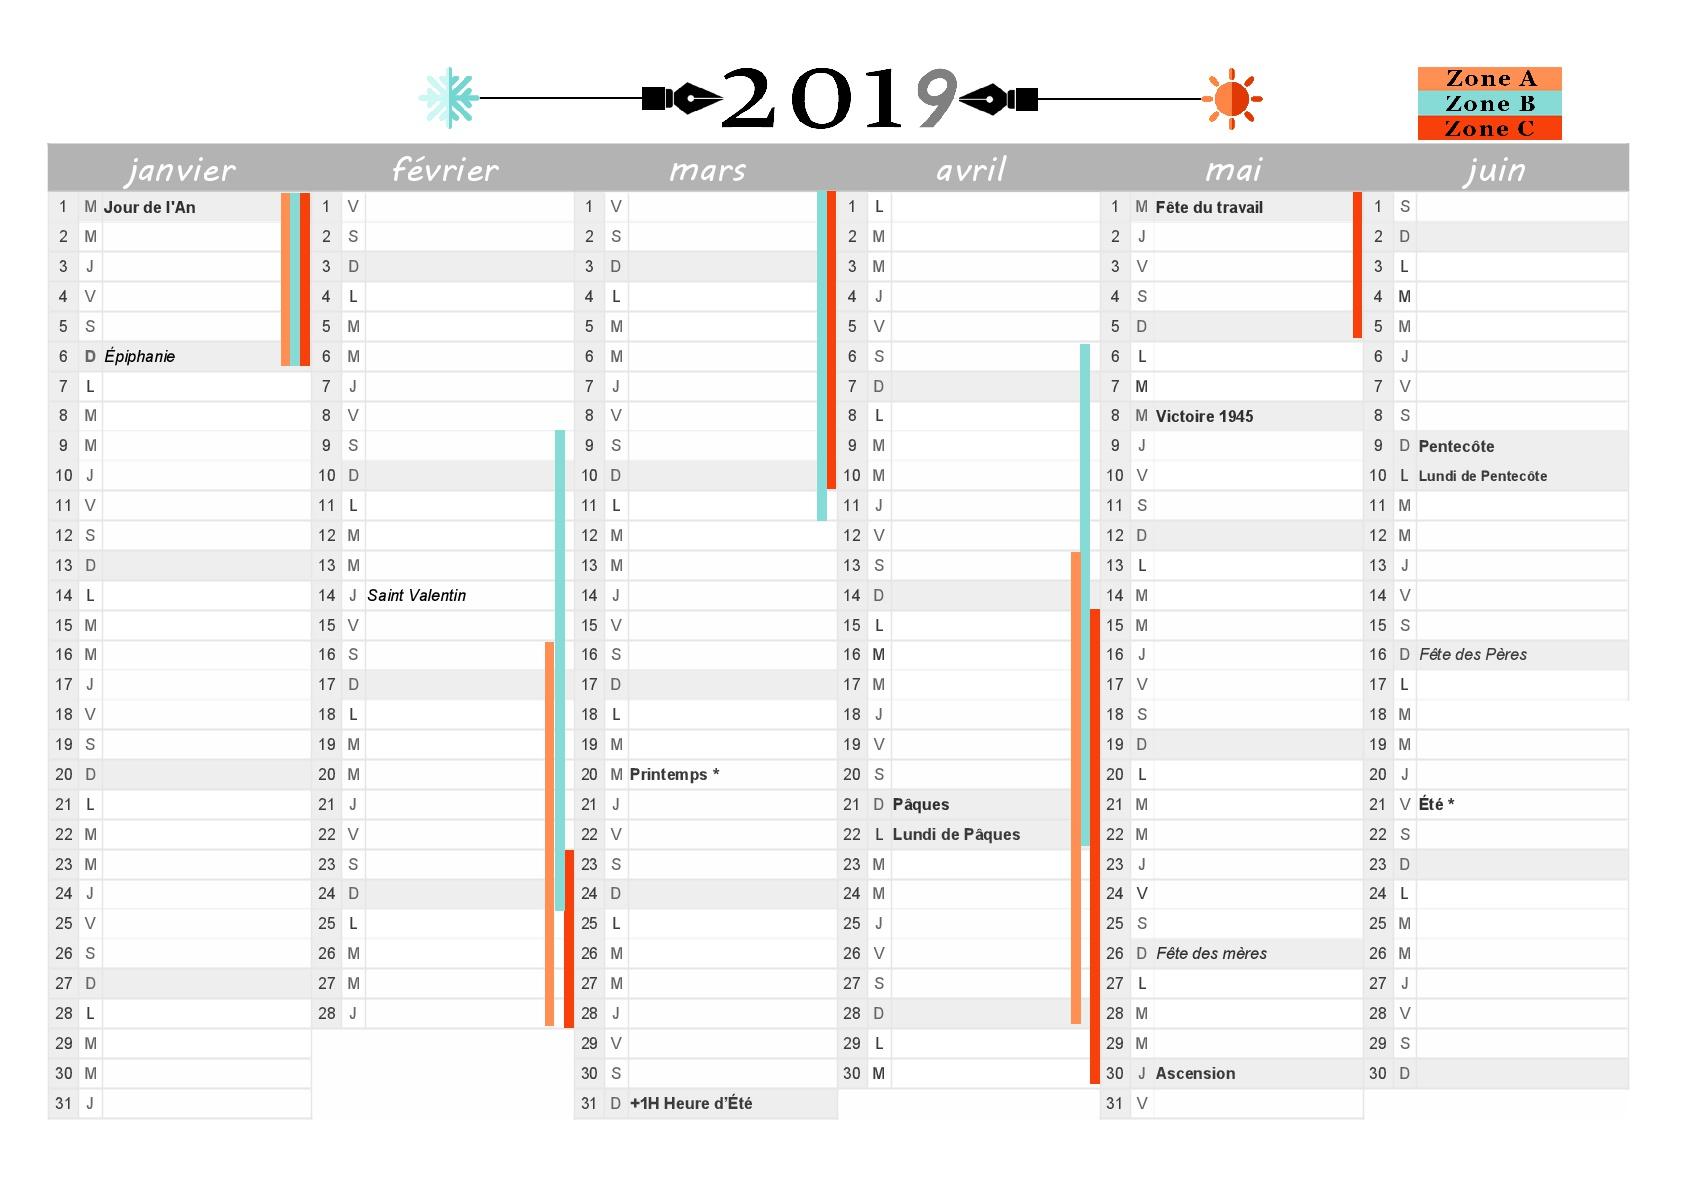 Calendrier 2020 Deuxieme Semestre.Calendrier 2019 A Imprimer Jours Feries Vacances